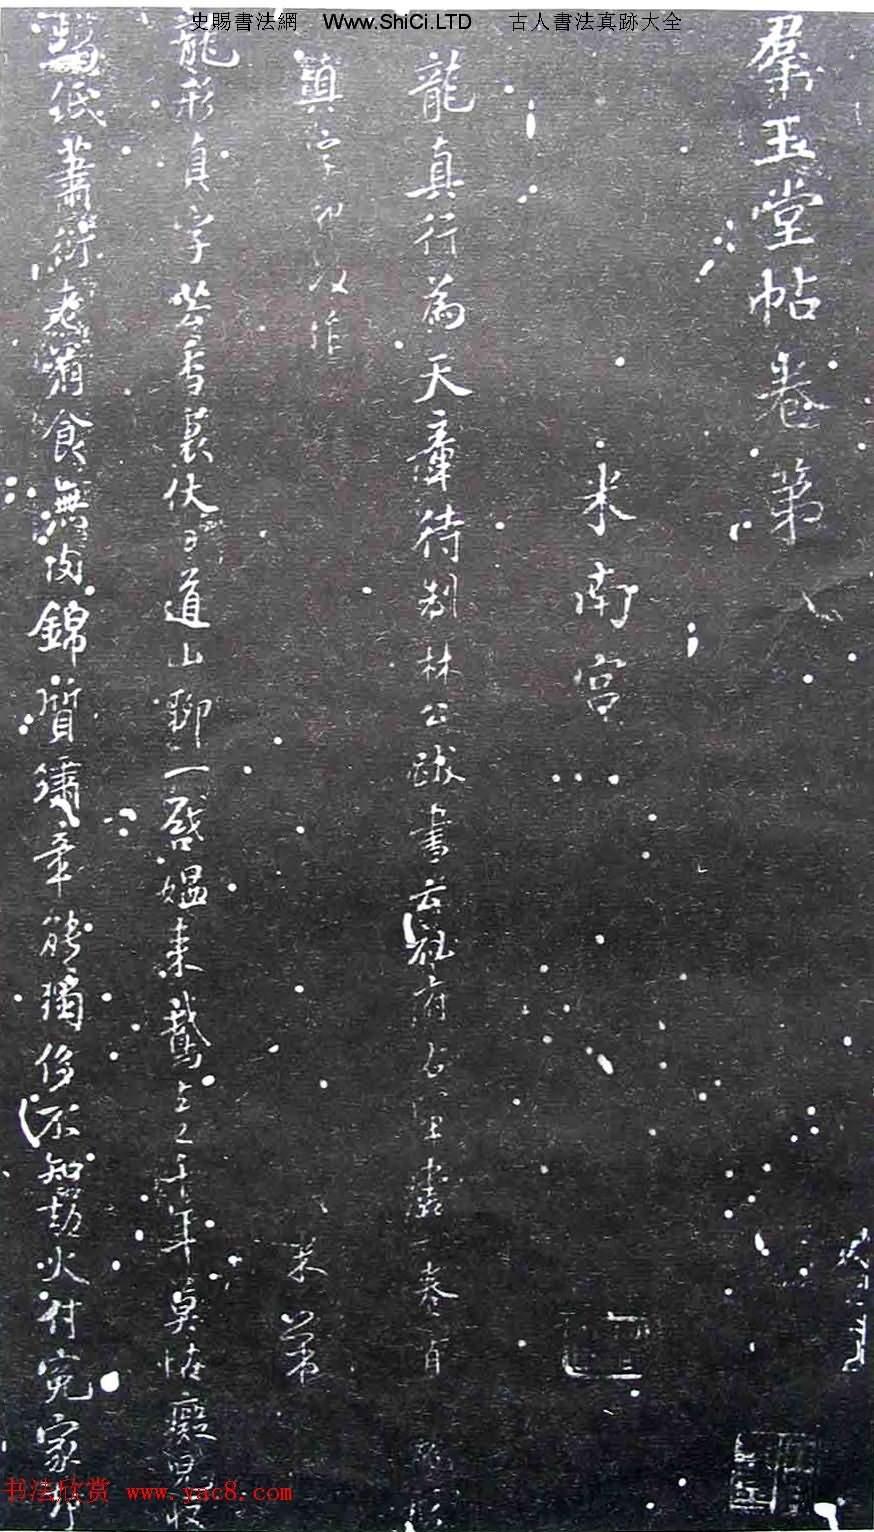 宋拓群玉堂帖卷第八--米南宮書法集(共3張圖片)